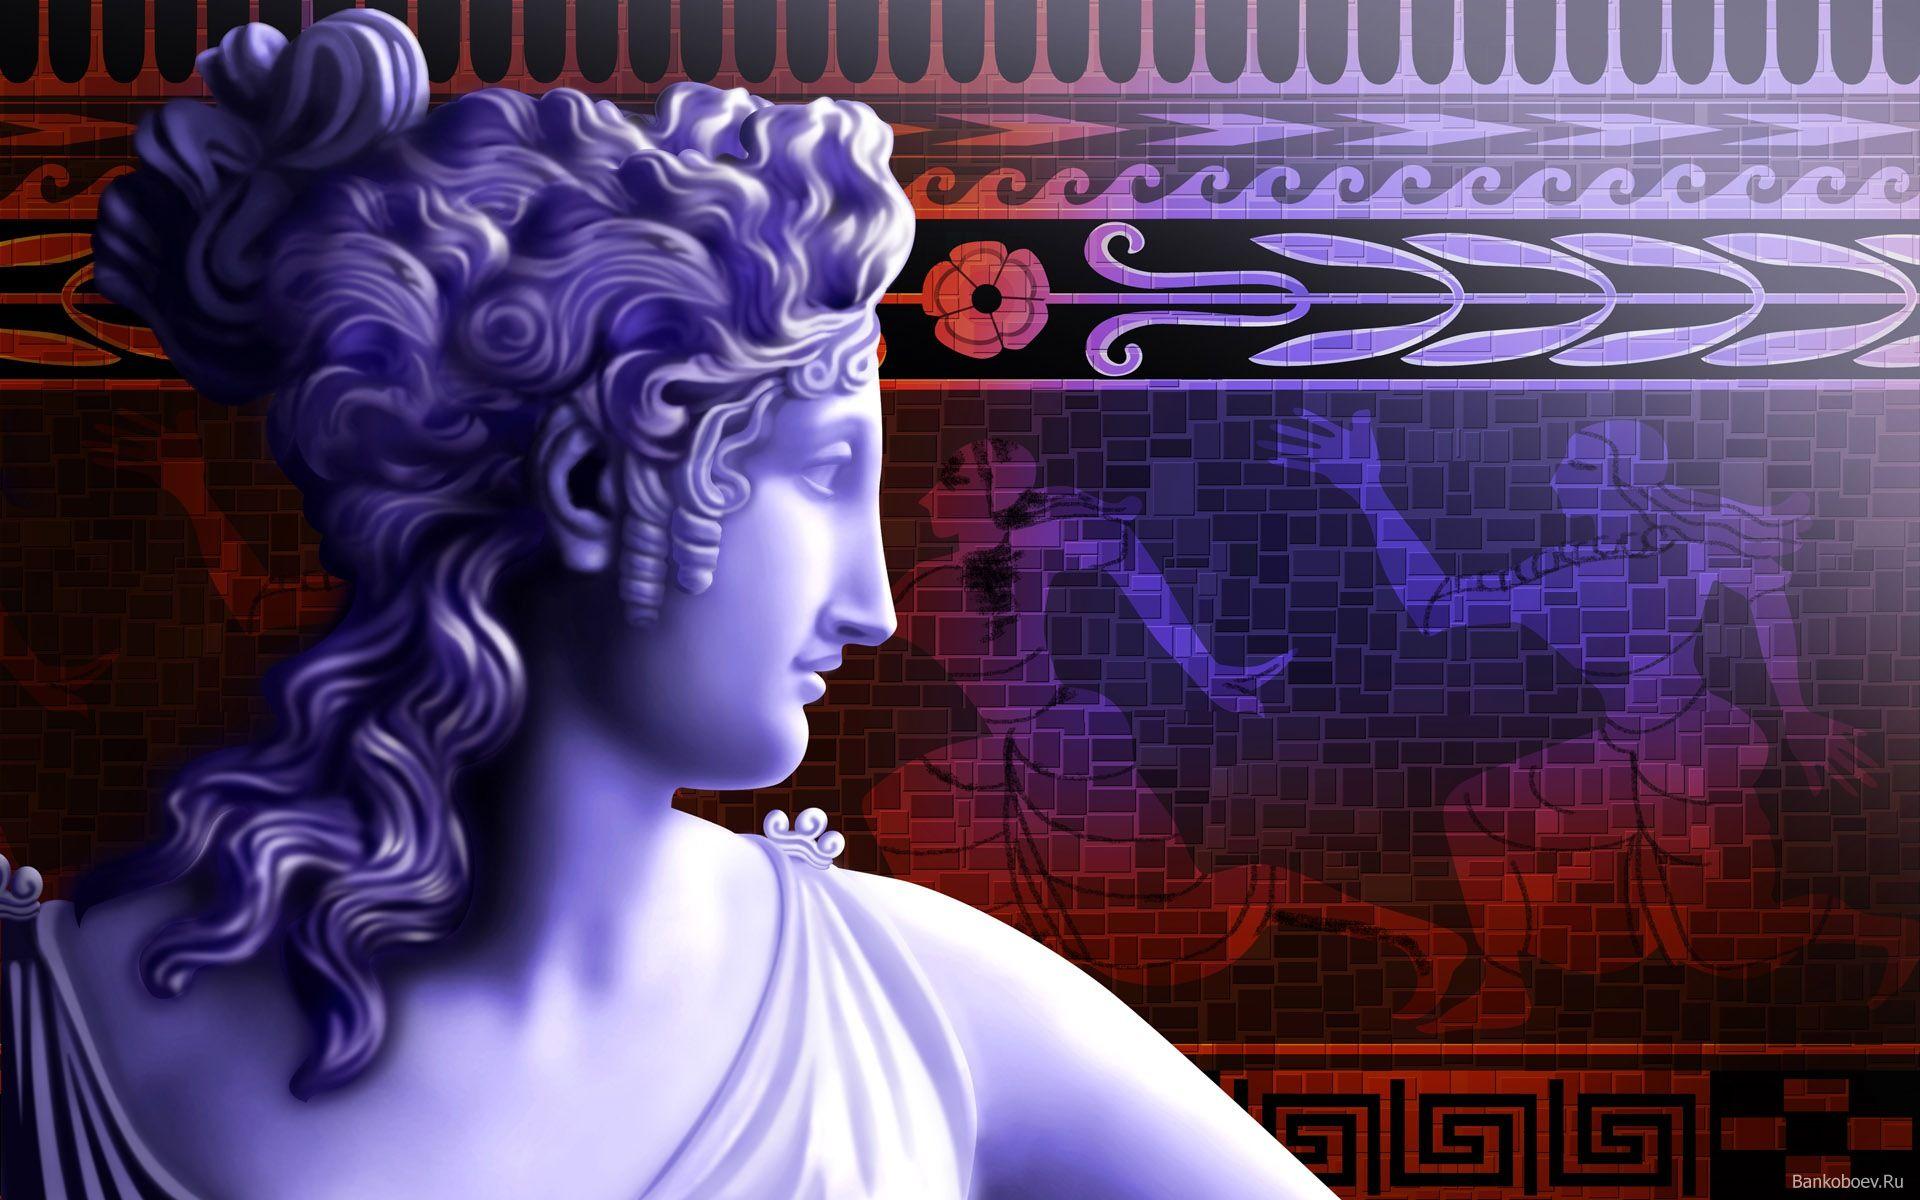 Банк Обоев: обои Статуя Афродиты на фоне фресок, фото ...